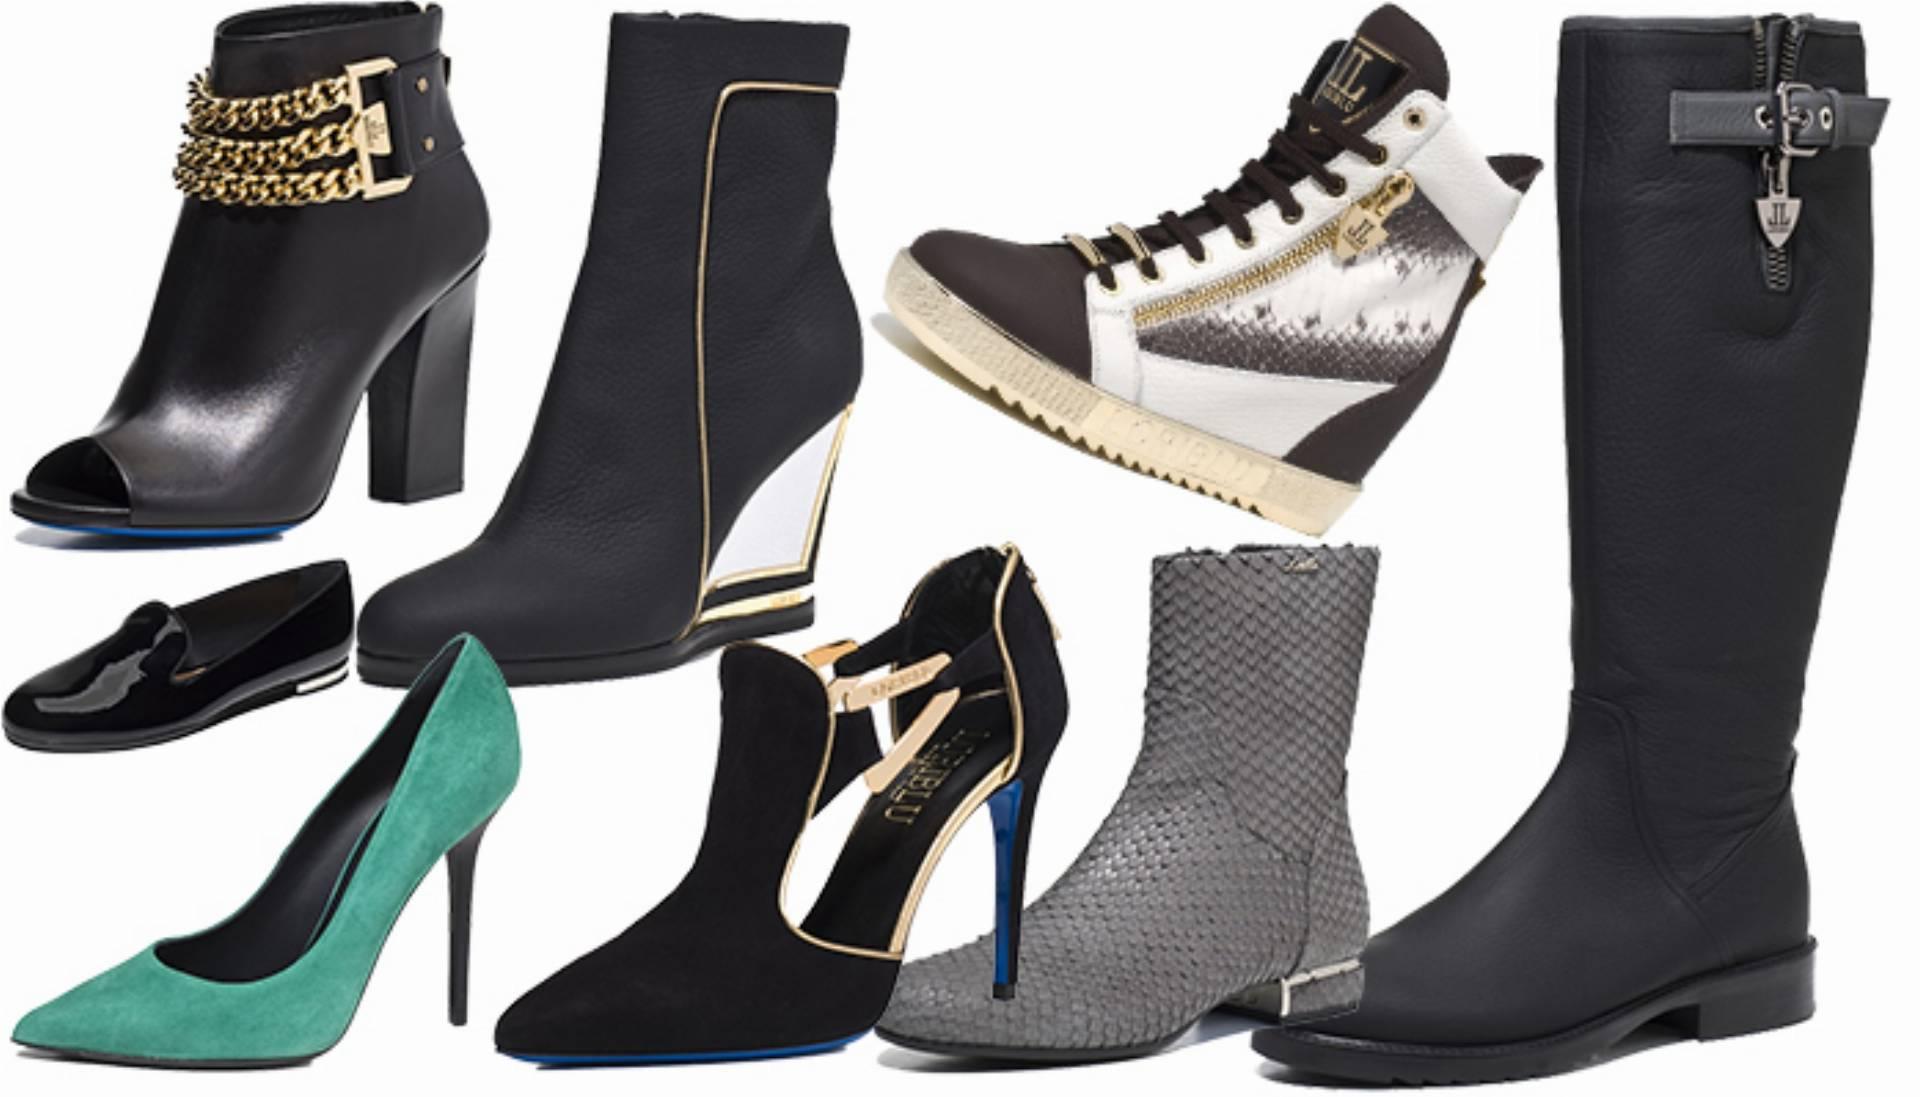 9ce1c1b1f0a88 Kolekcja butów Loribu i Ballin na zimę 2015/2016 - KobietaMag.pl